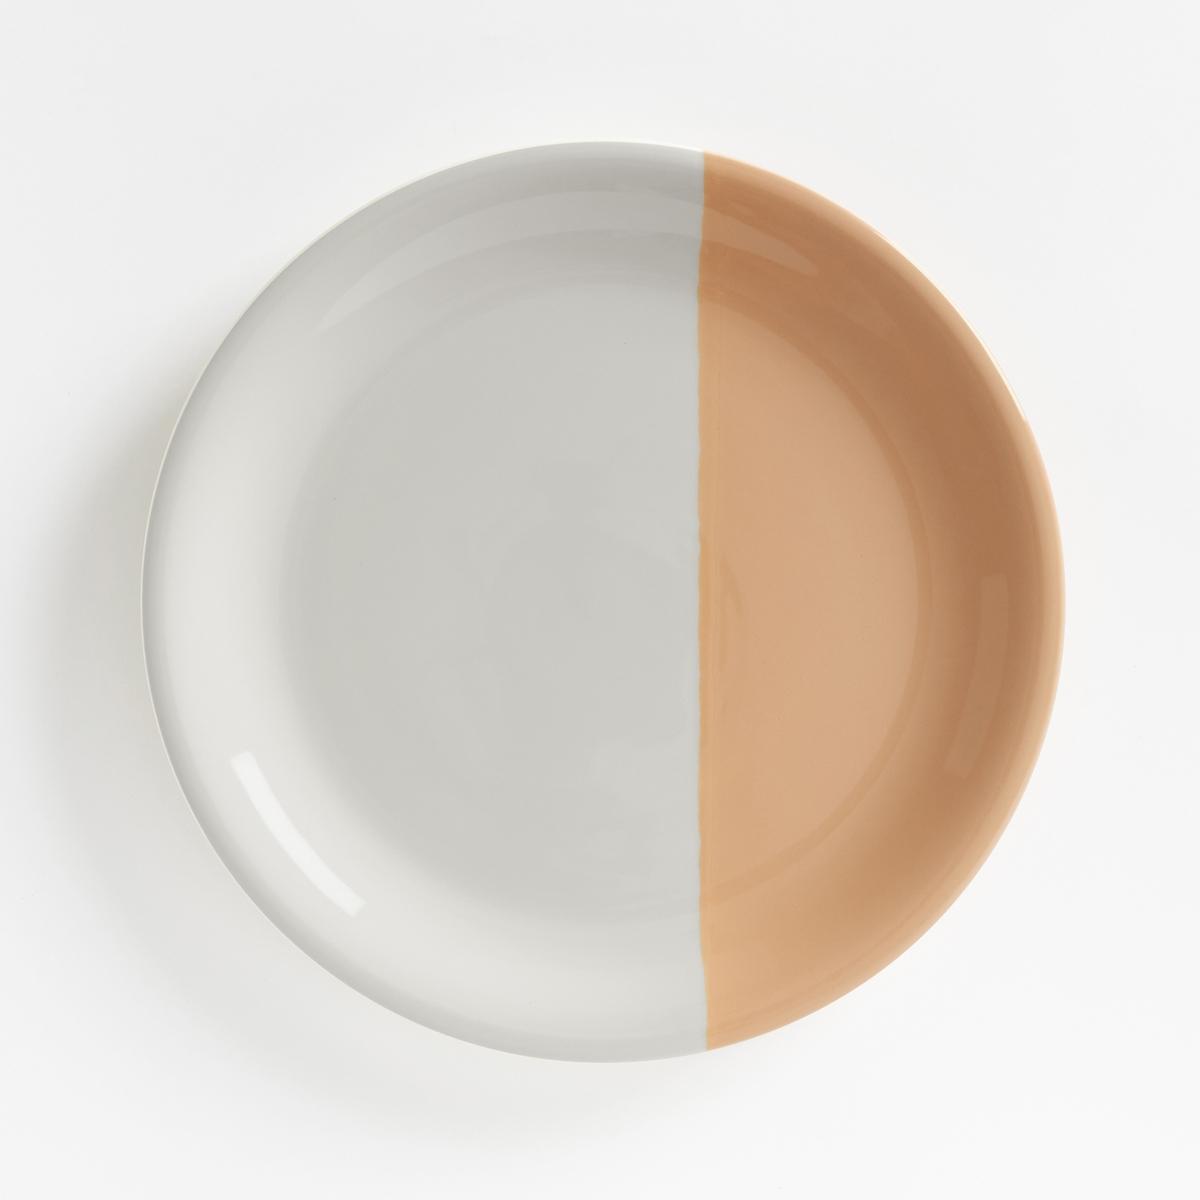 Комплект из 4 плоских тарелок, ZALATOОписание:Оригинальные двухцветные мелкие тарелки из фаянса. Каждая тарелка разделена пополам с помощью цвета.Характеристики мелких тарелок ZALATO : •  Комплект из 4 двухцветных тарелок из фаянса.Размеры мелких тарелок ZALATO : •  Диаметр : 27,2 смУход : •  Подходит для мытья в посудомоечной машине и использования в микроволновой печи<br><br>Цвет: белый/ розовая пудра